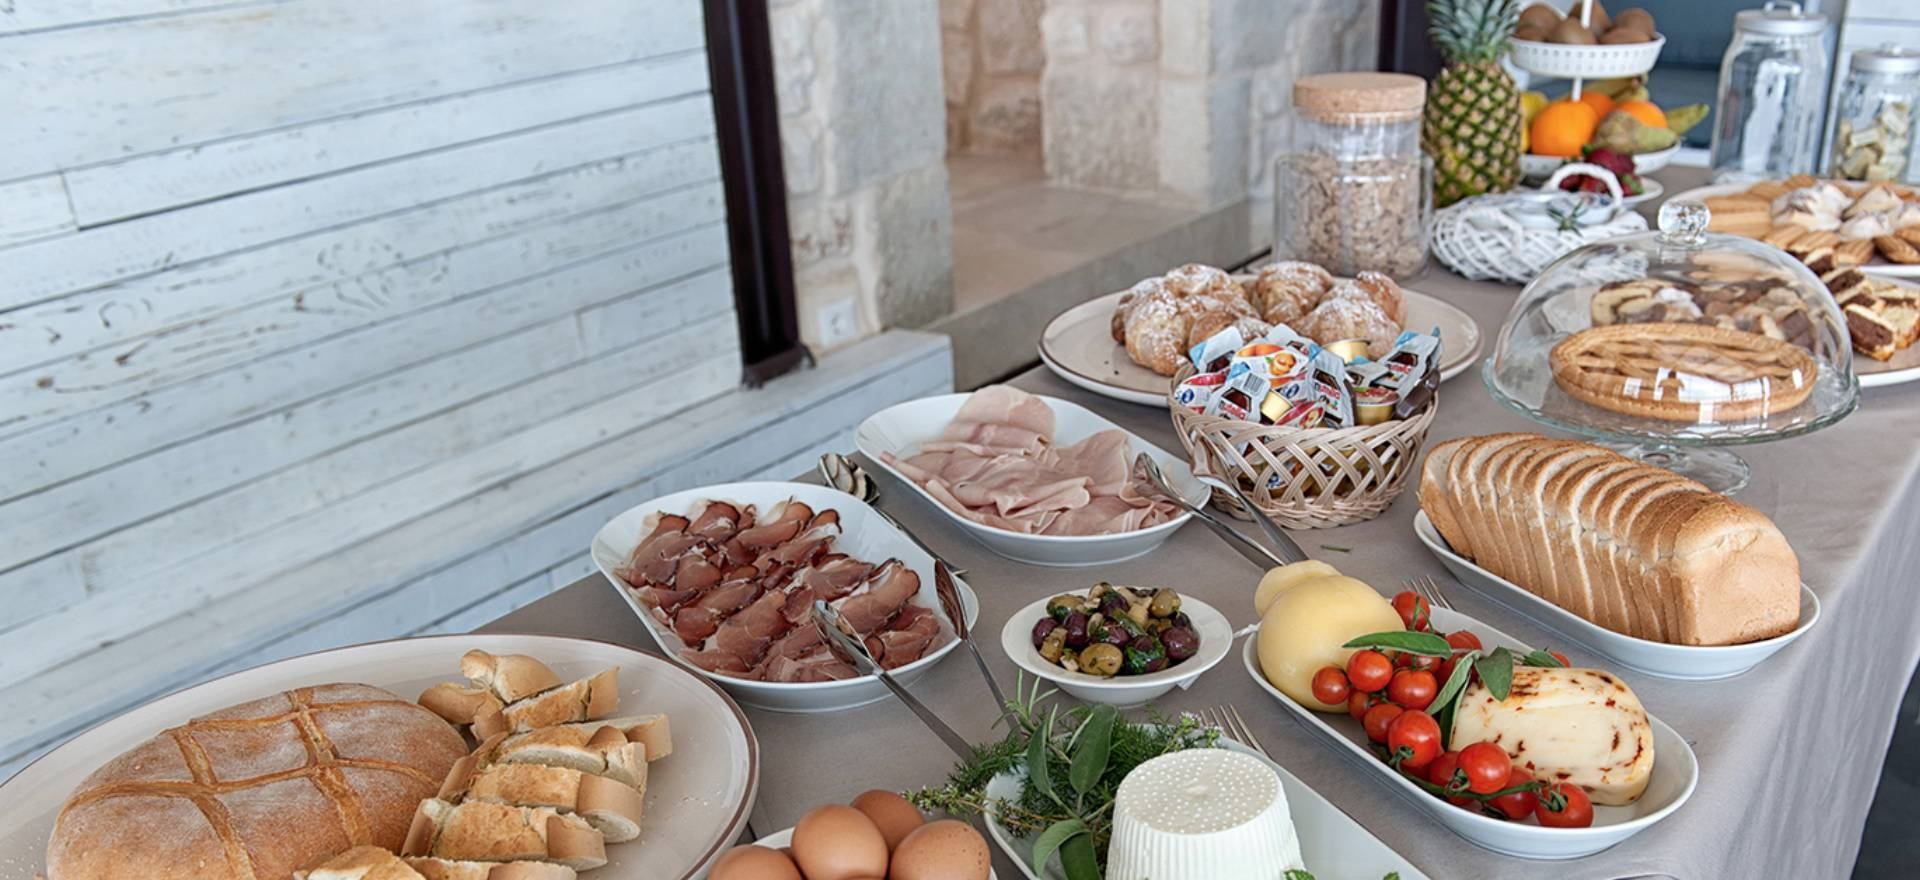 Agriturismo Sicilië Gerenoveerde agriturismo met goede Siciliaanse keuken